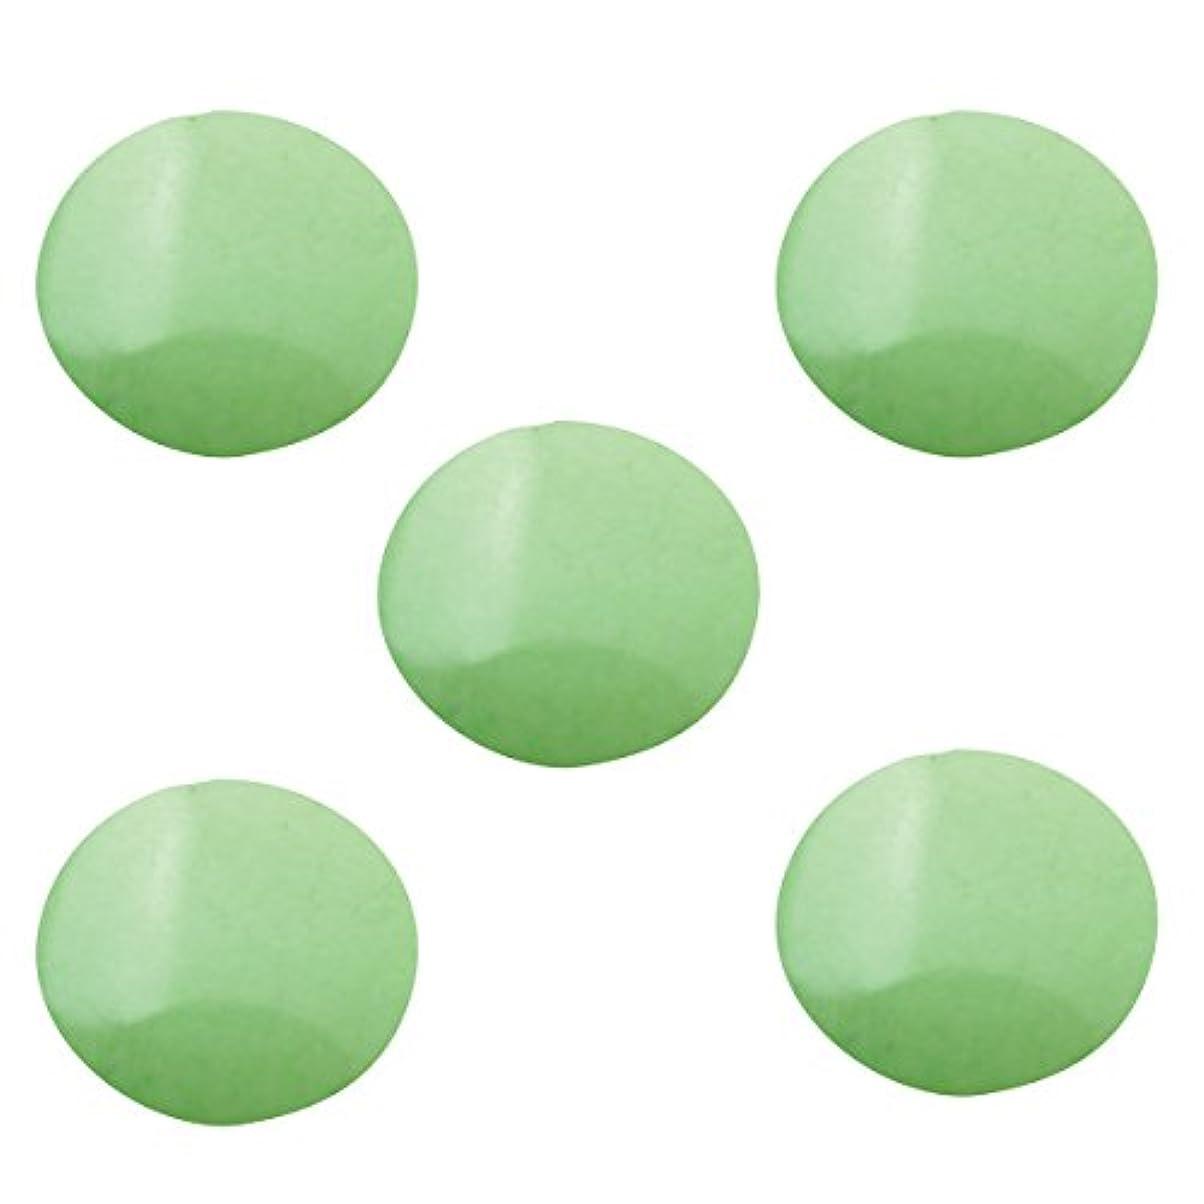 手数料印象派ホテルパステルスタッズ ラウンド 3mm (100個入り) グリーン